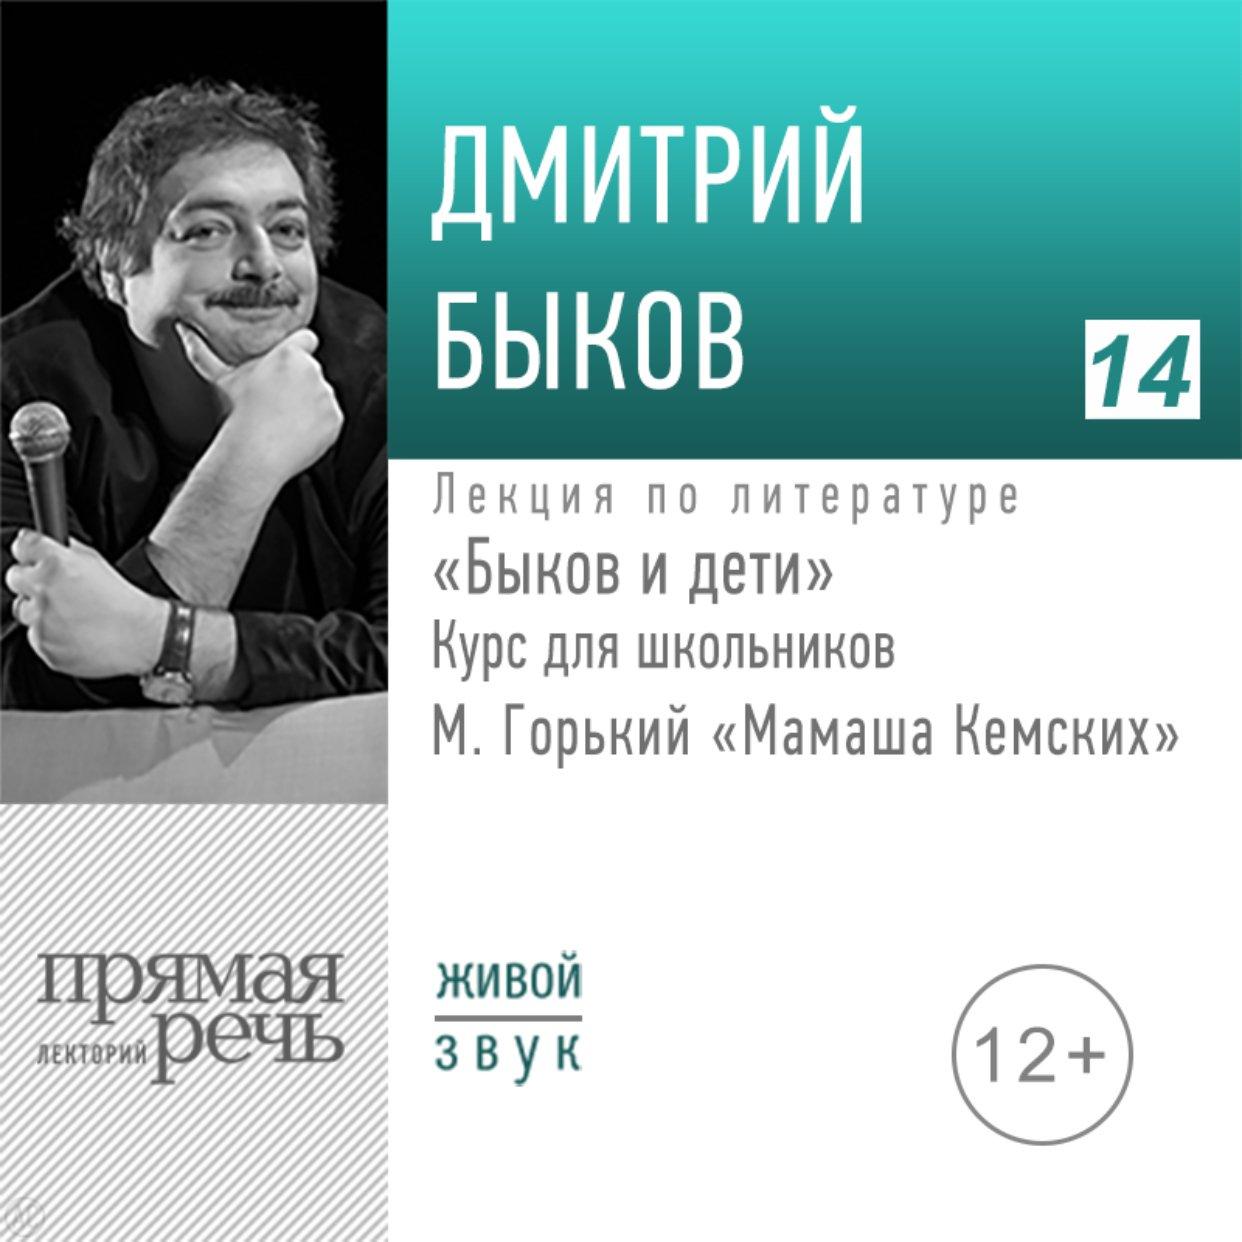 М. Горький «Мамаша Кемских». «Быков и дети». Курс для школьников